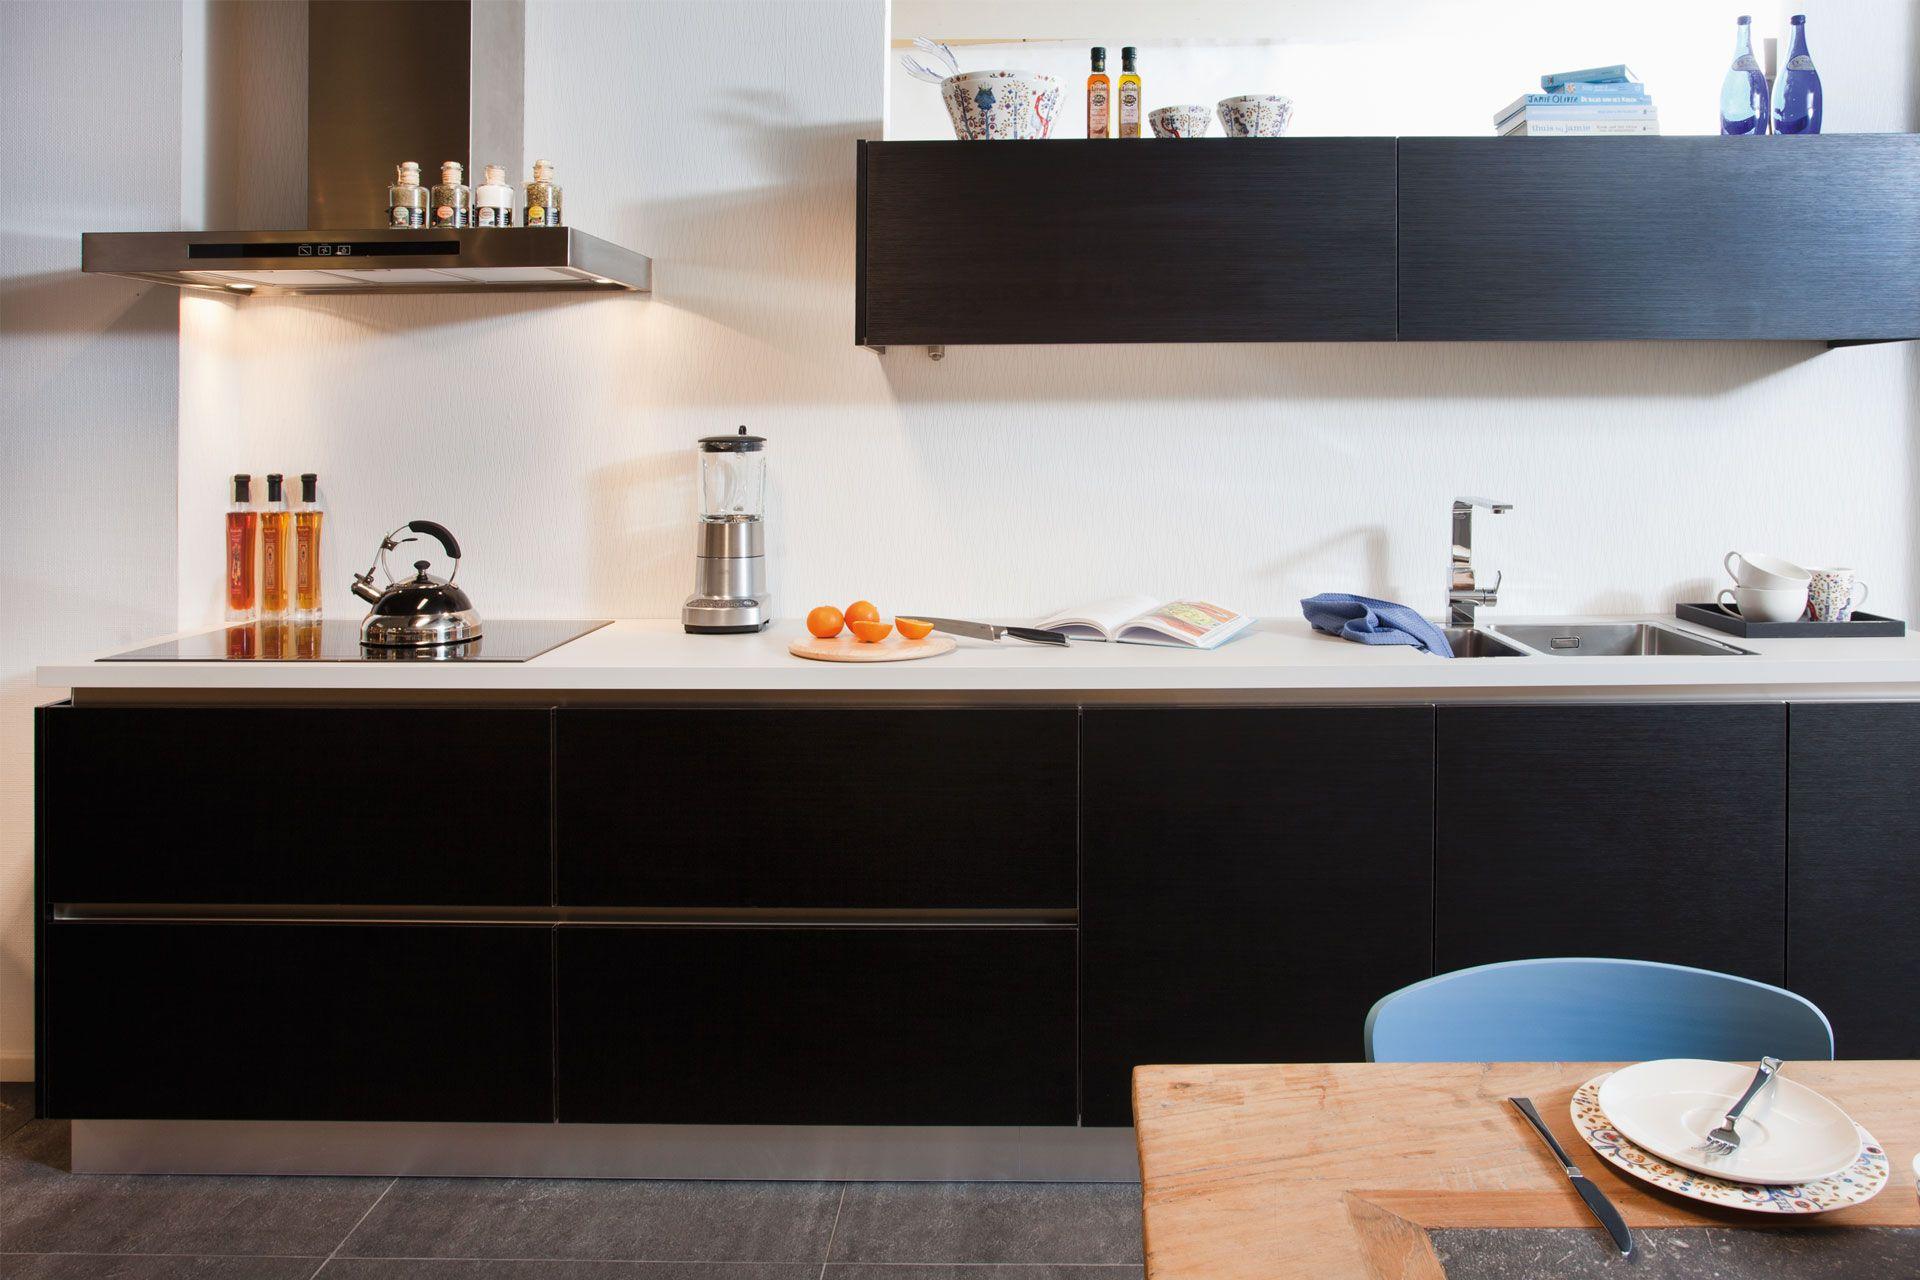 Marktplaats Opbergkast Keuken : Moderne Keuken 2016 : keukens voor zeer lage keuken prijzen Greeploos